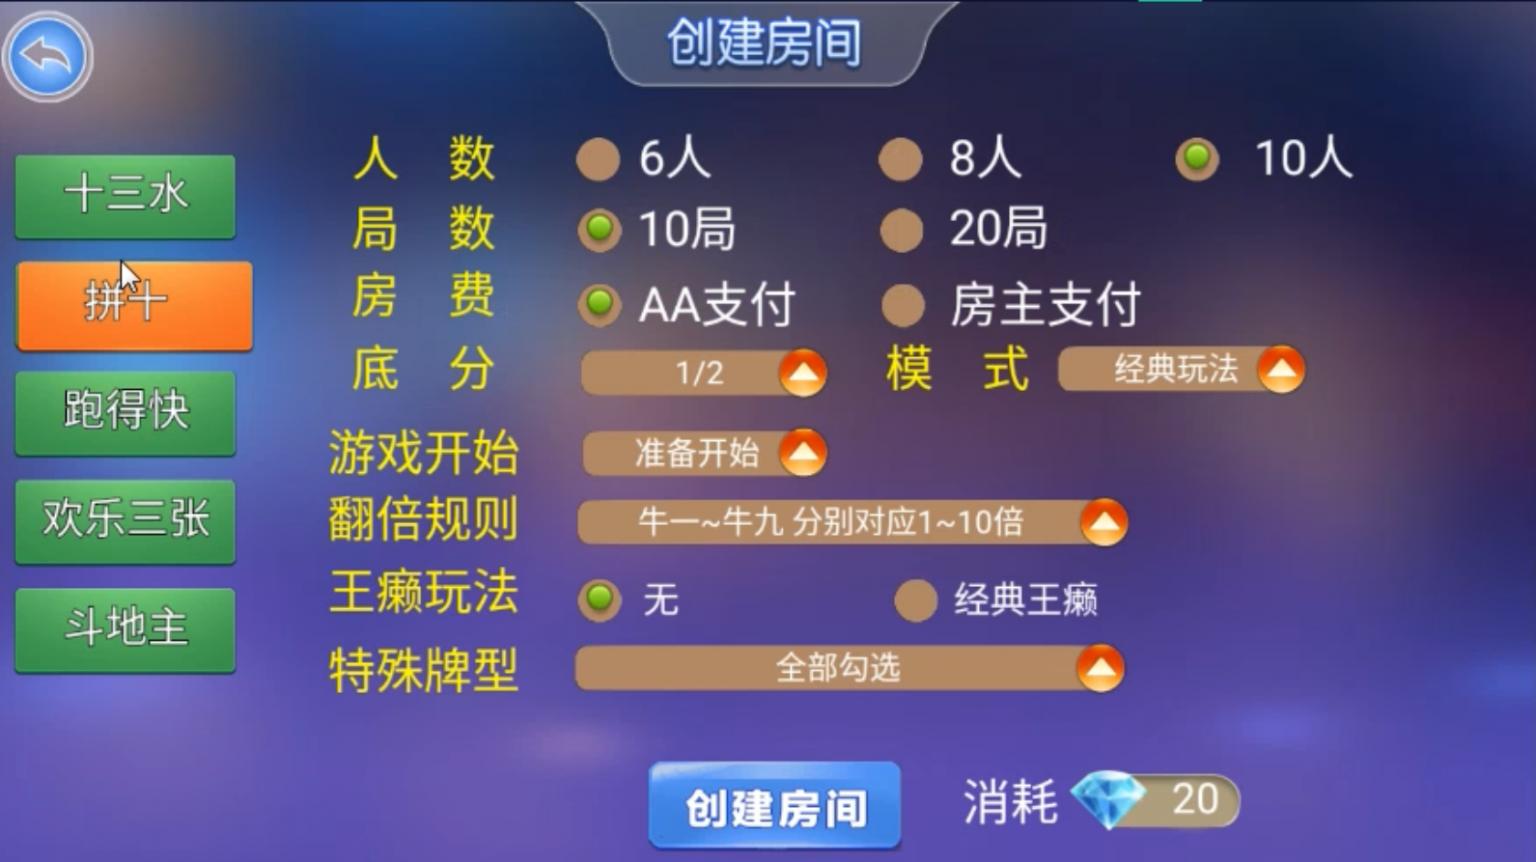 最新更新513棋牌/完整双端/带机器人 带机器人 完整双端 513棋牌 房卡约战类 第4张